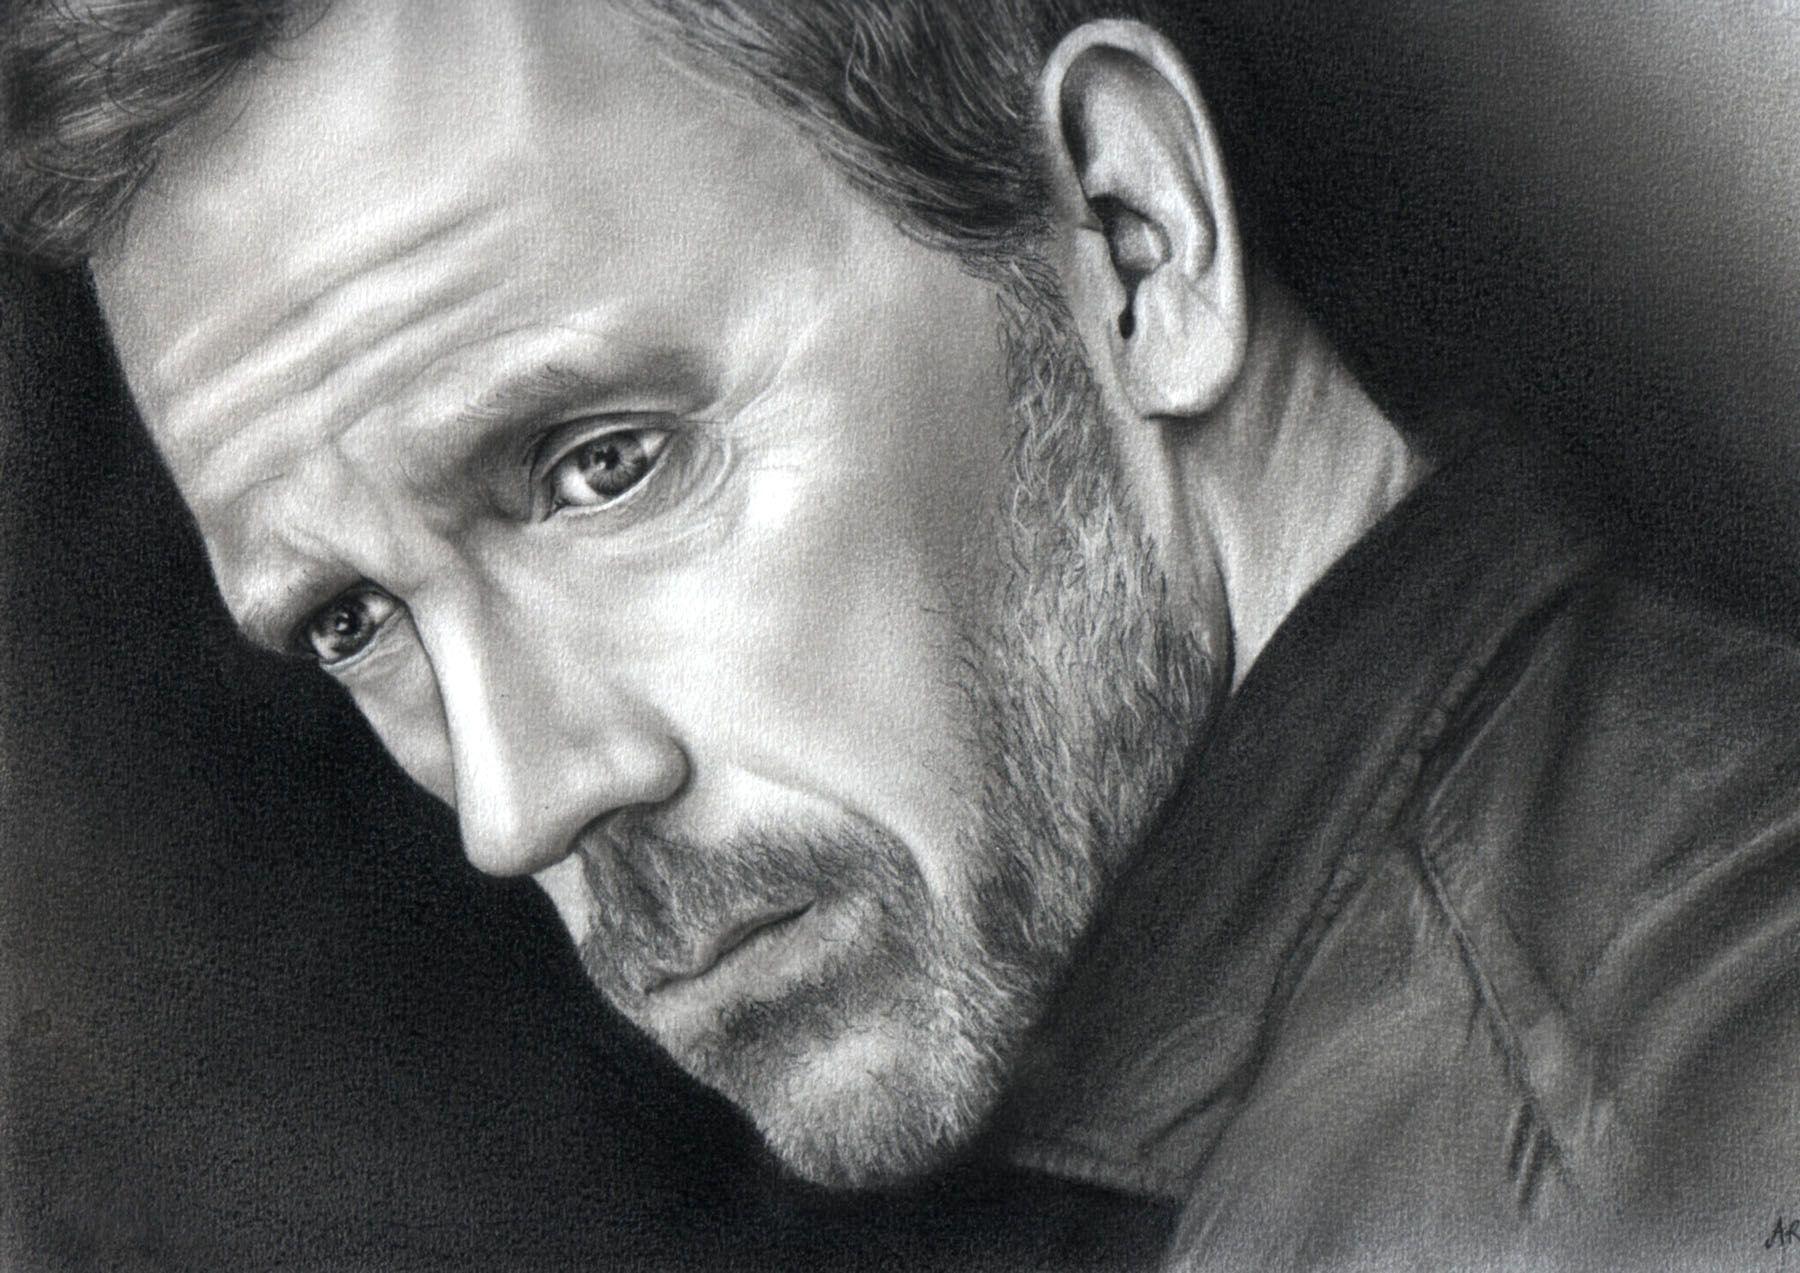 Dessin la main peinture dessin portrait crayon drawing - Main dessin crayon ...